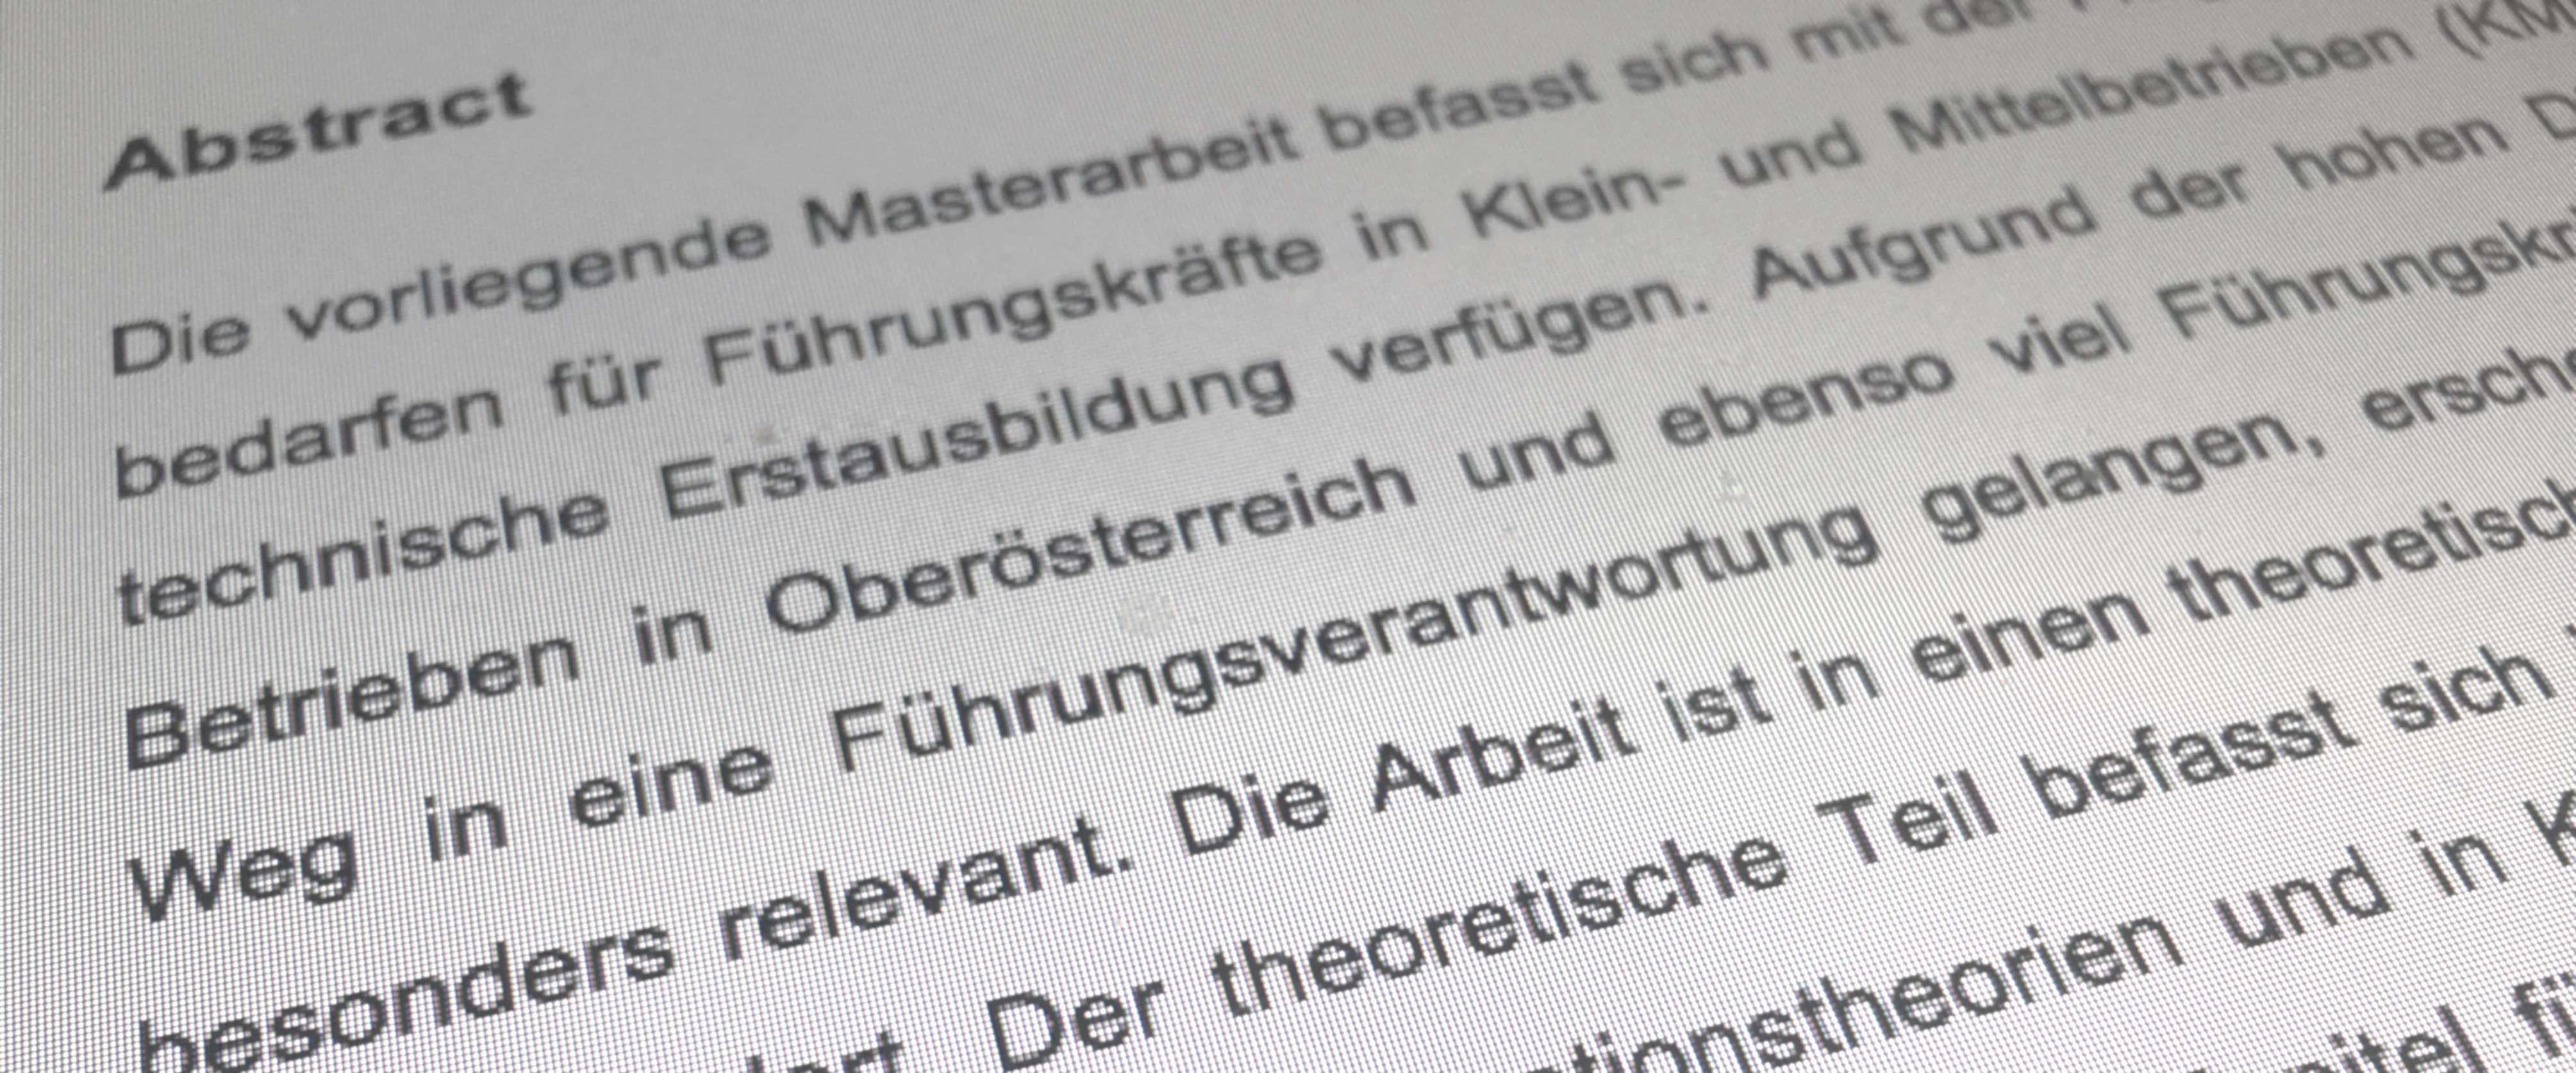 Abstract Schreiben Anleitung Tipps Und Muster